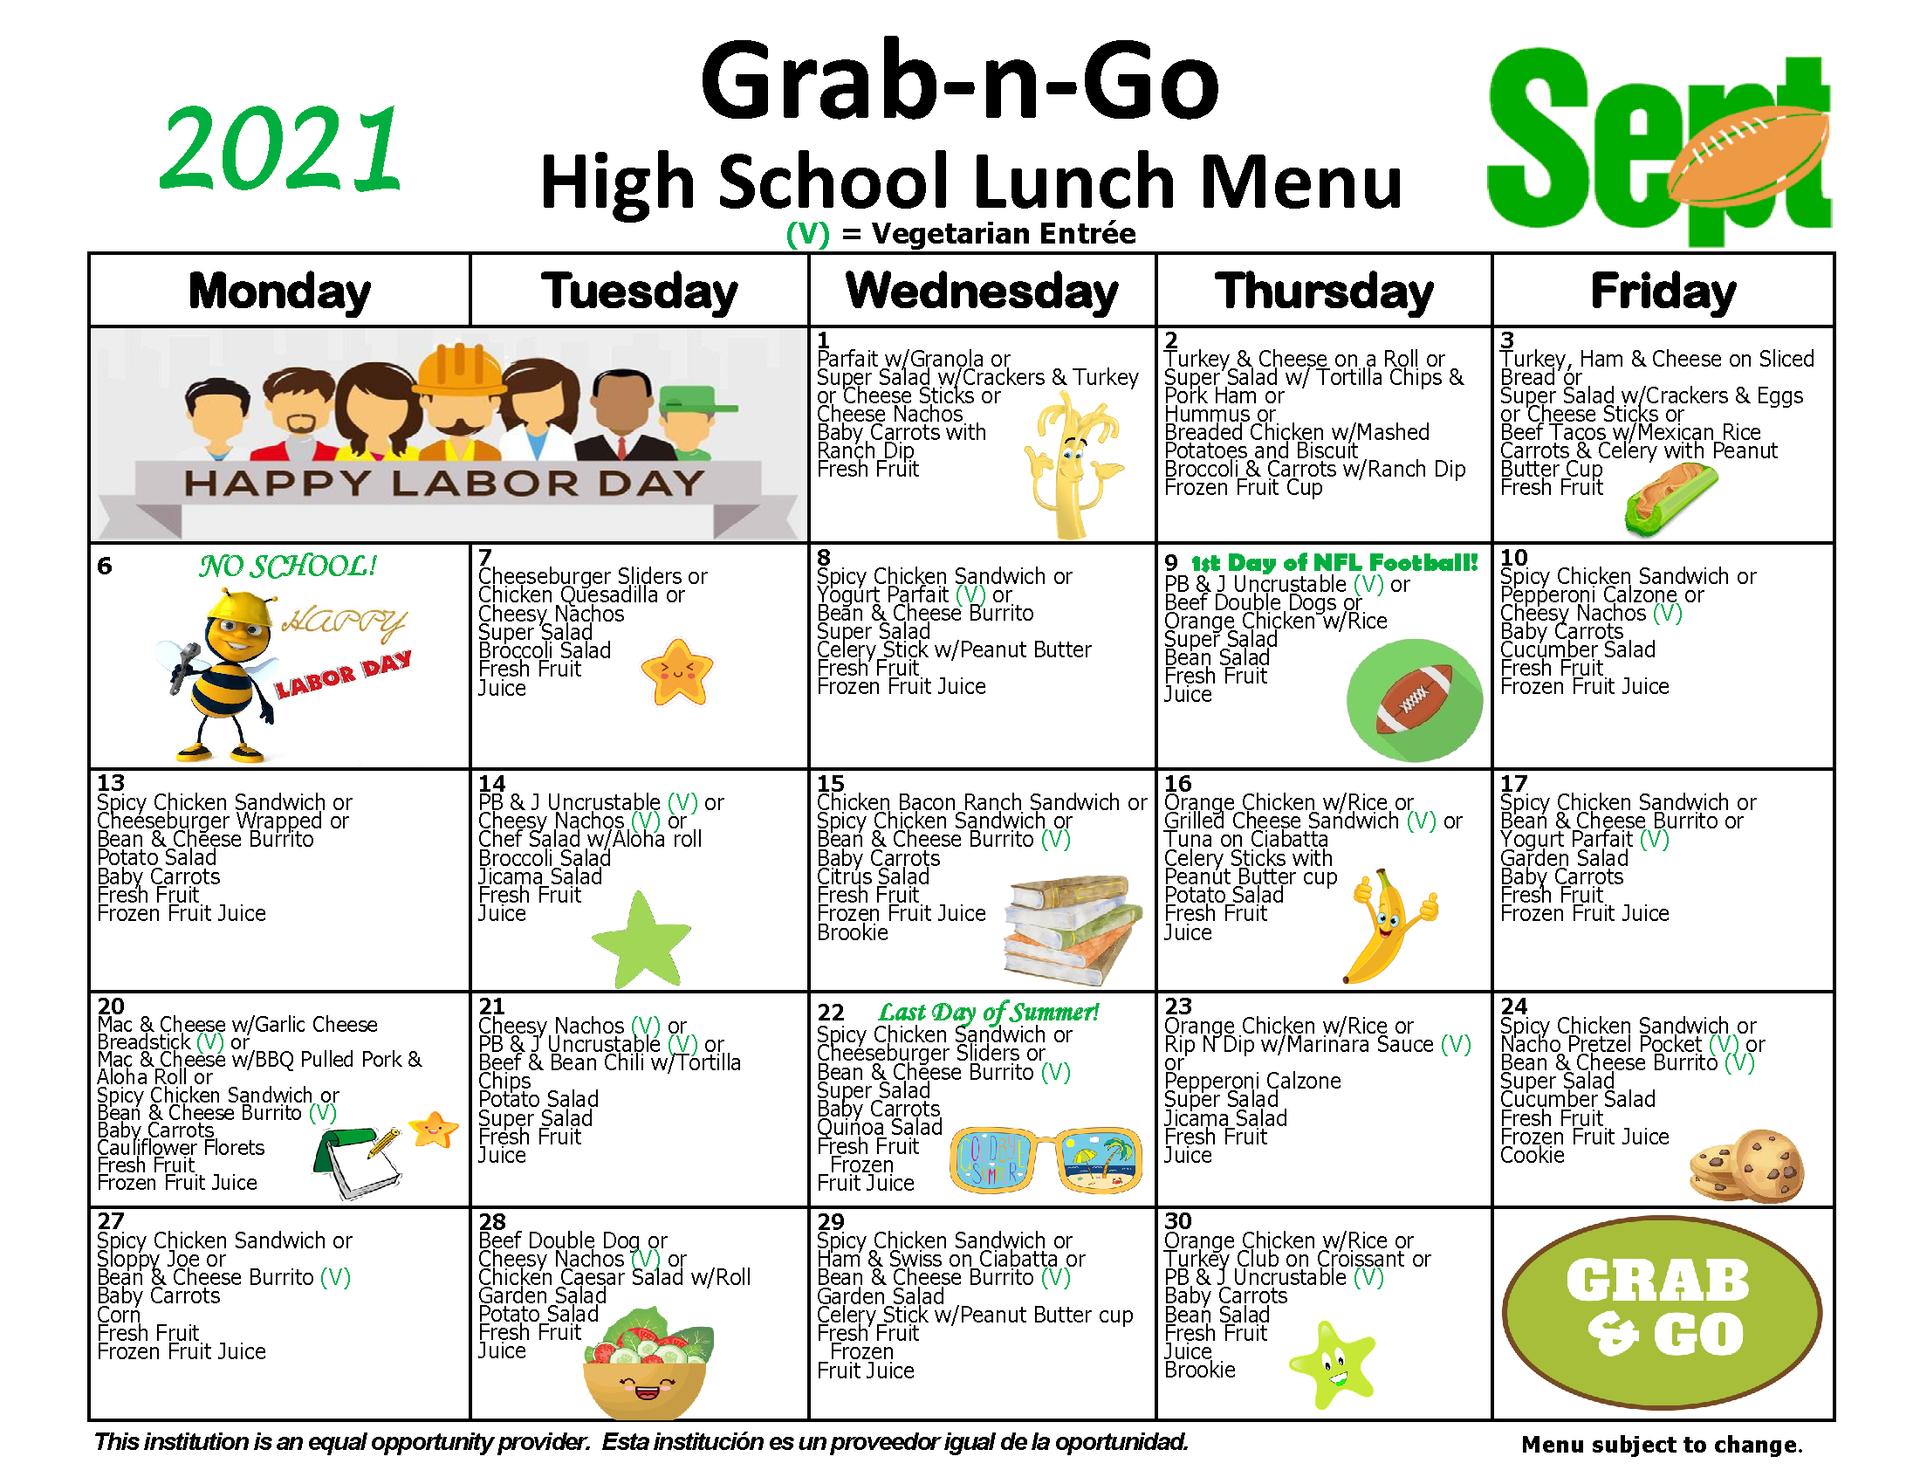 High School Grab-n-Go Lunch Menu September 2021